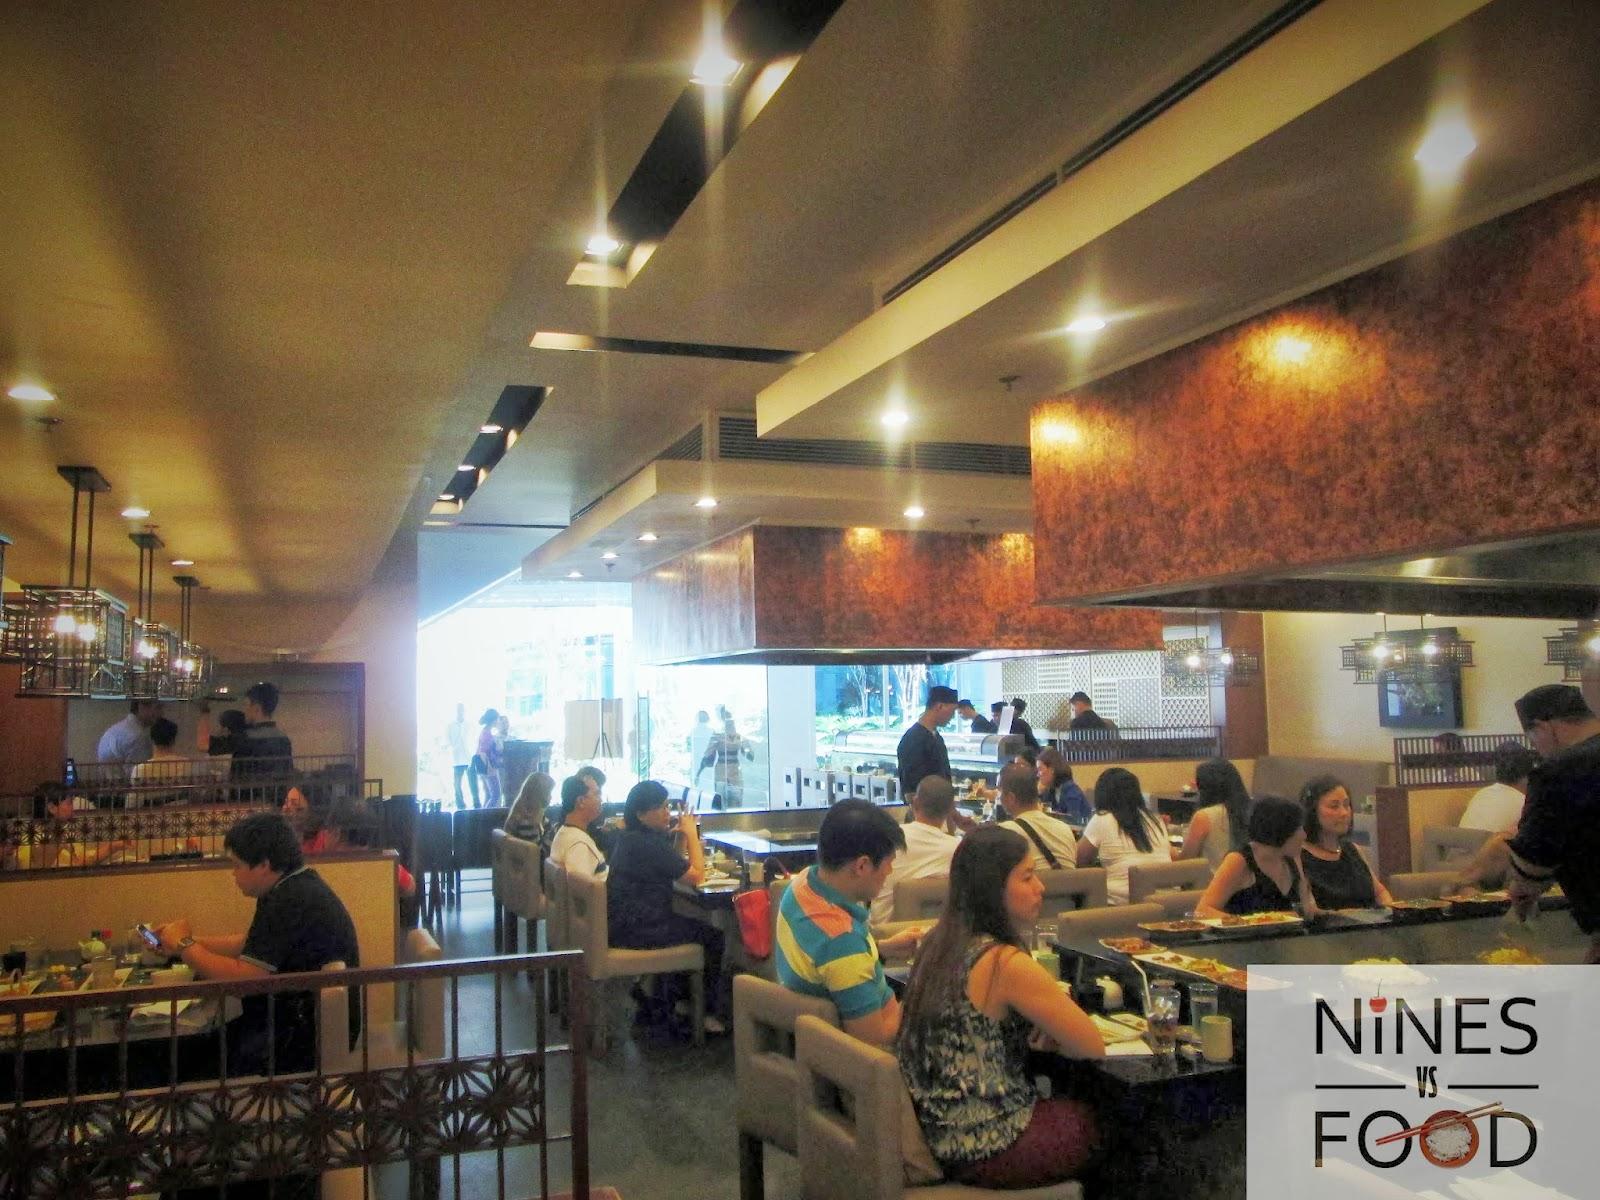 Nines vs. Food - Ogetsu Hime SM Aura Taguig-31.jpg